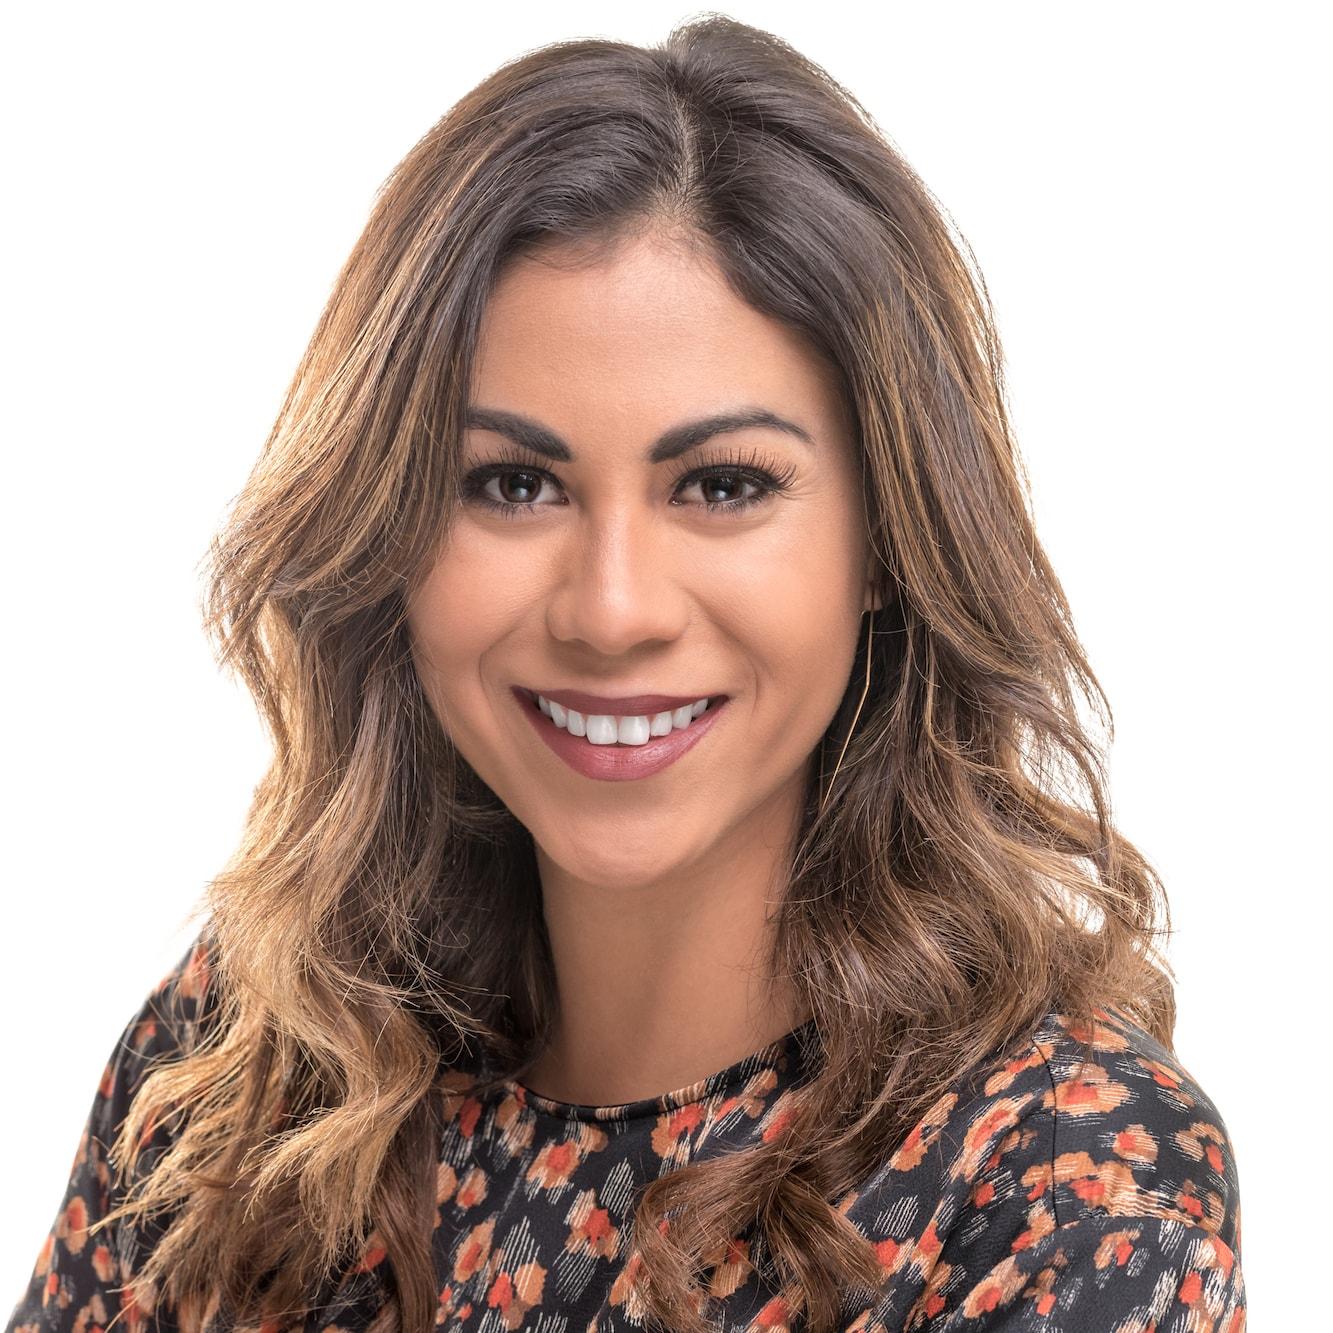 Nicole Craven